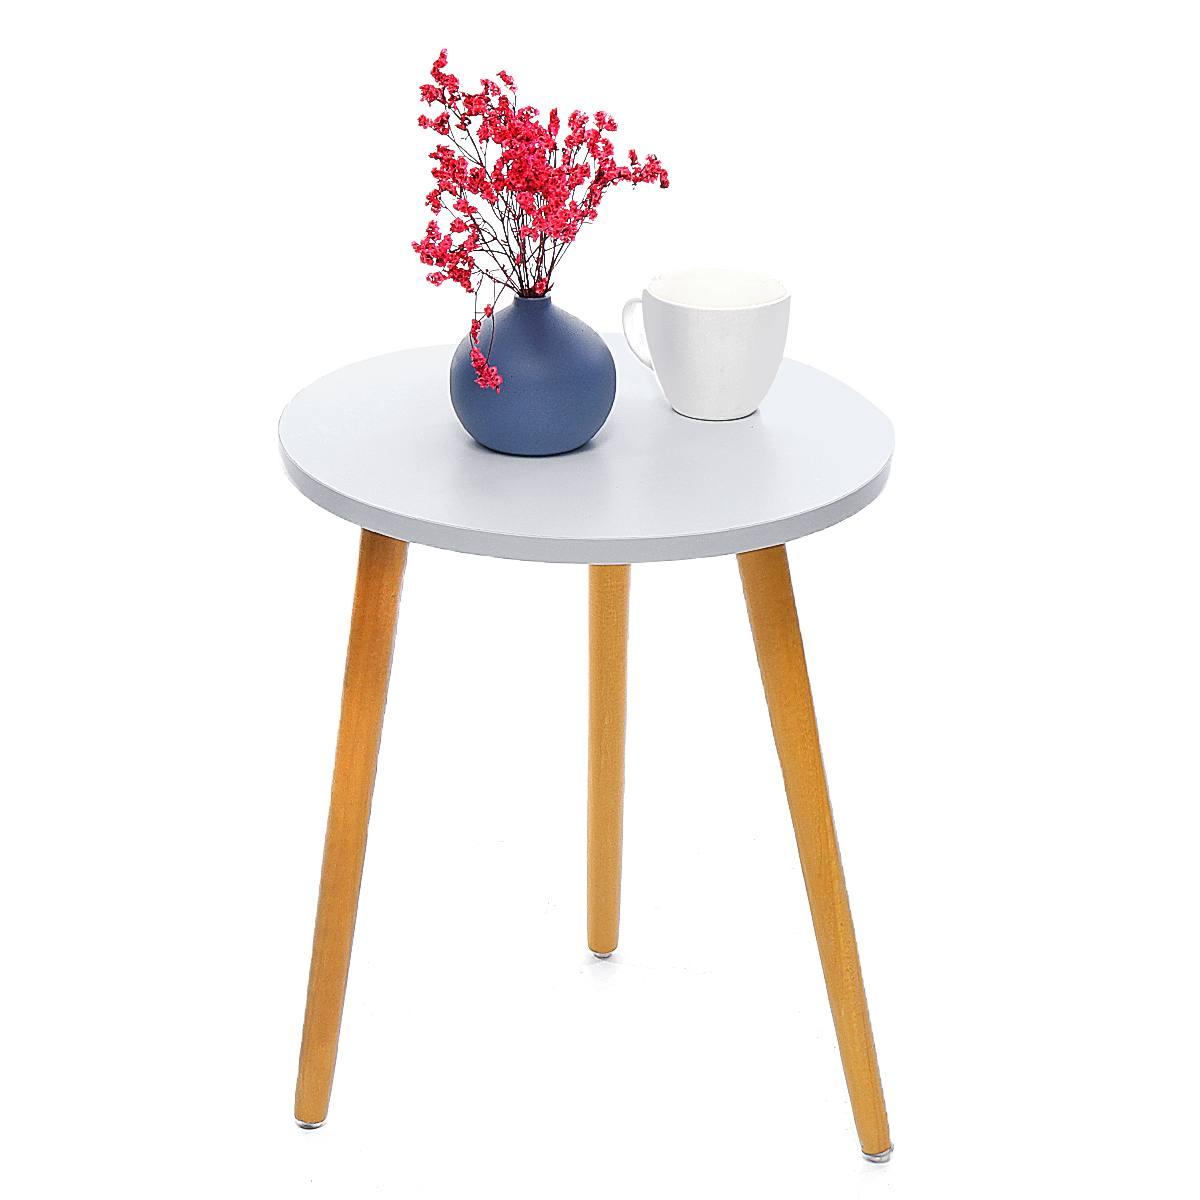 Mesa de centro de madera moderna sofá cómodo nórdico mesa auxiliar de té Natural práctica decoración de sala de estar 35x42 cm